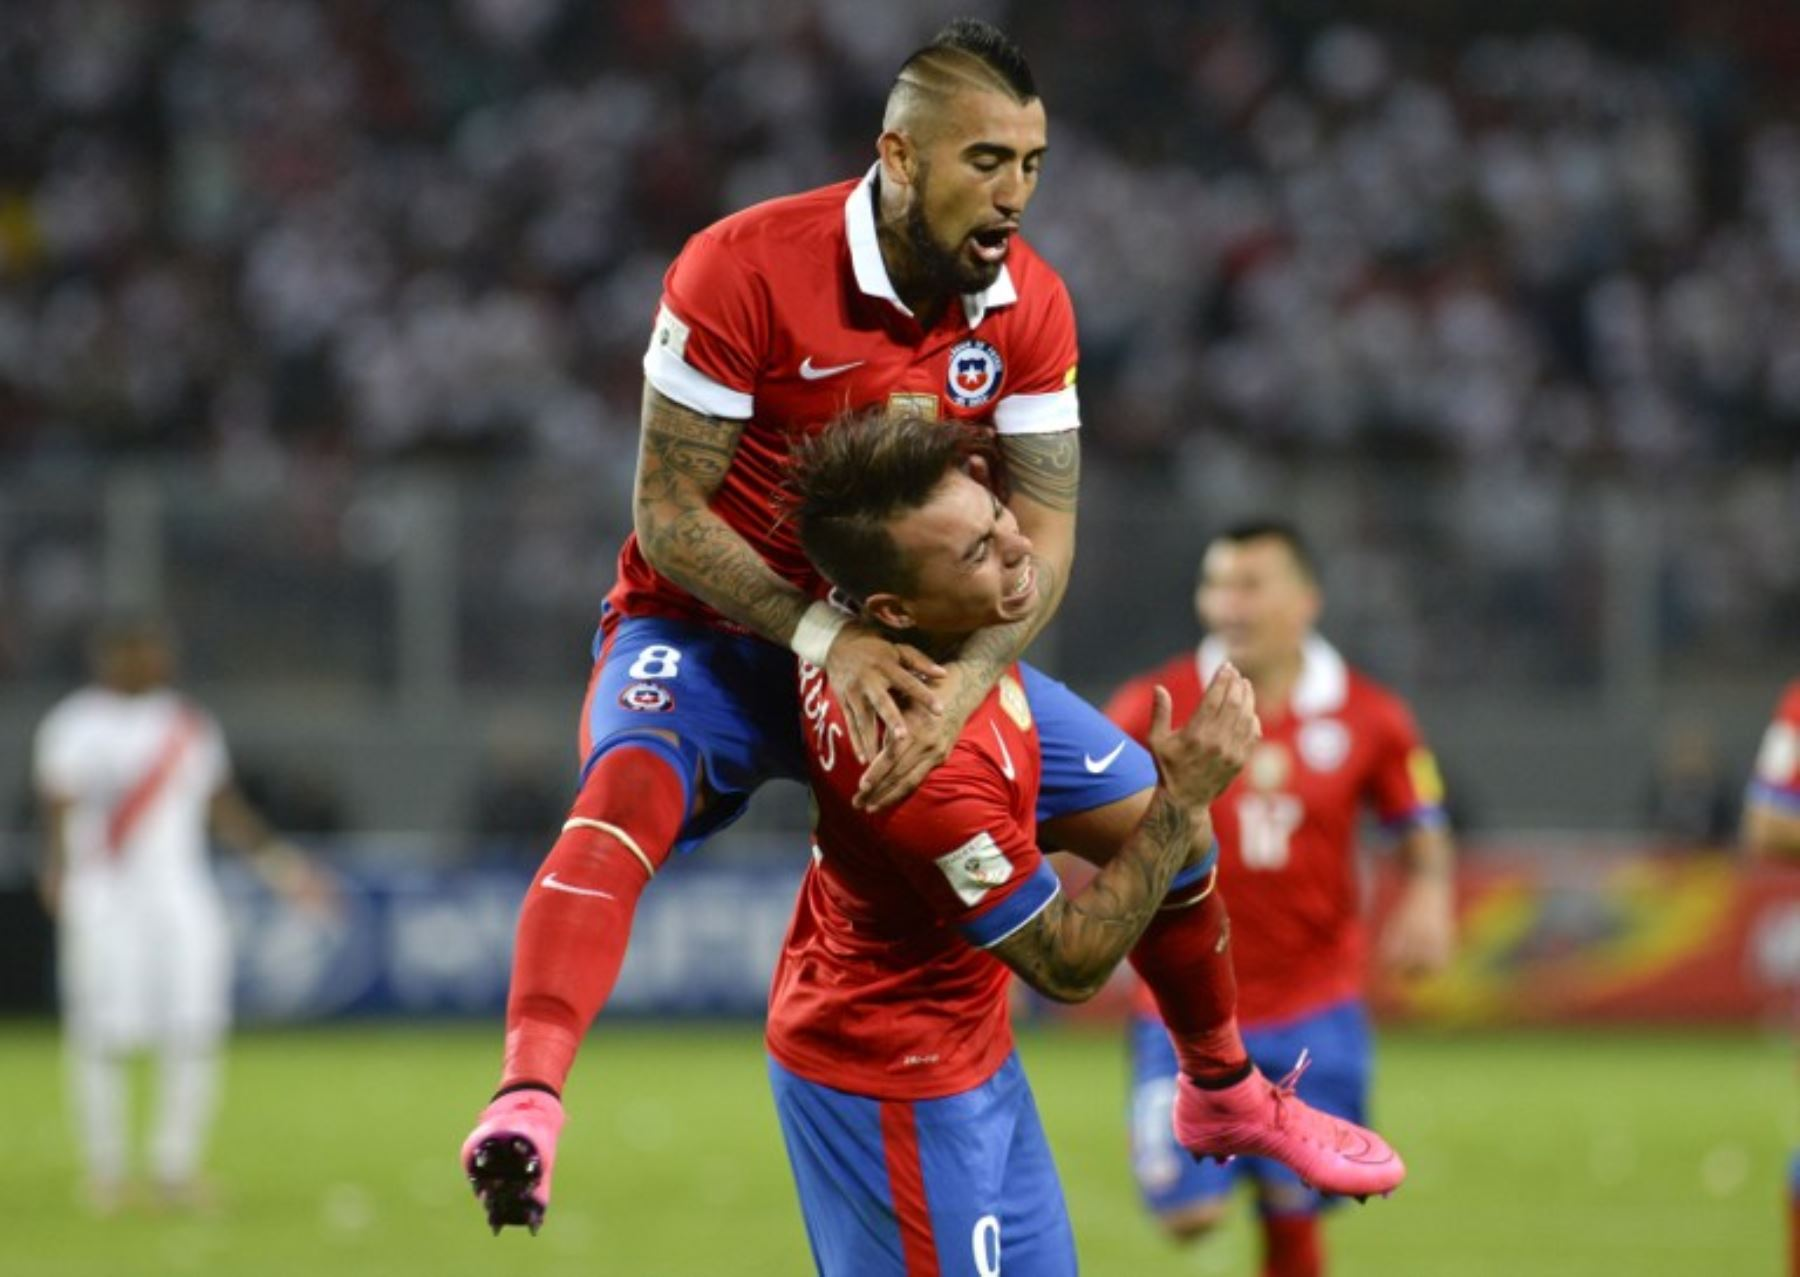 Chilenos son líderes de la eliminatoria